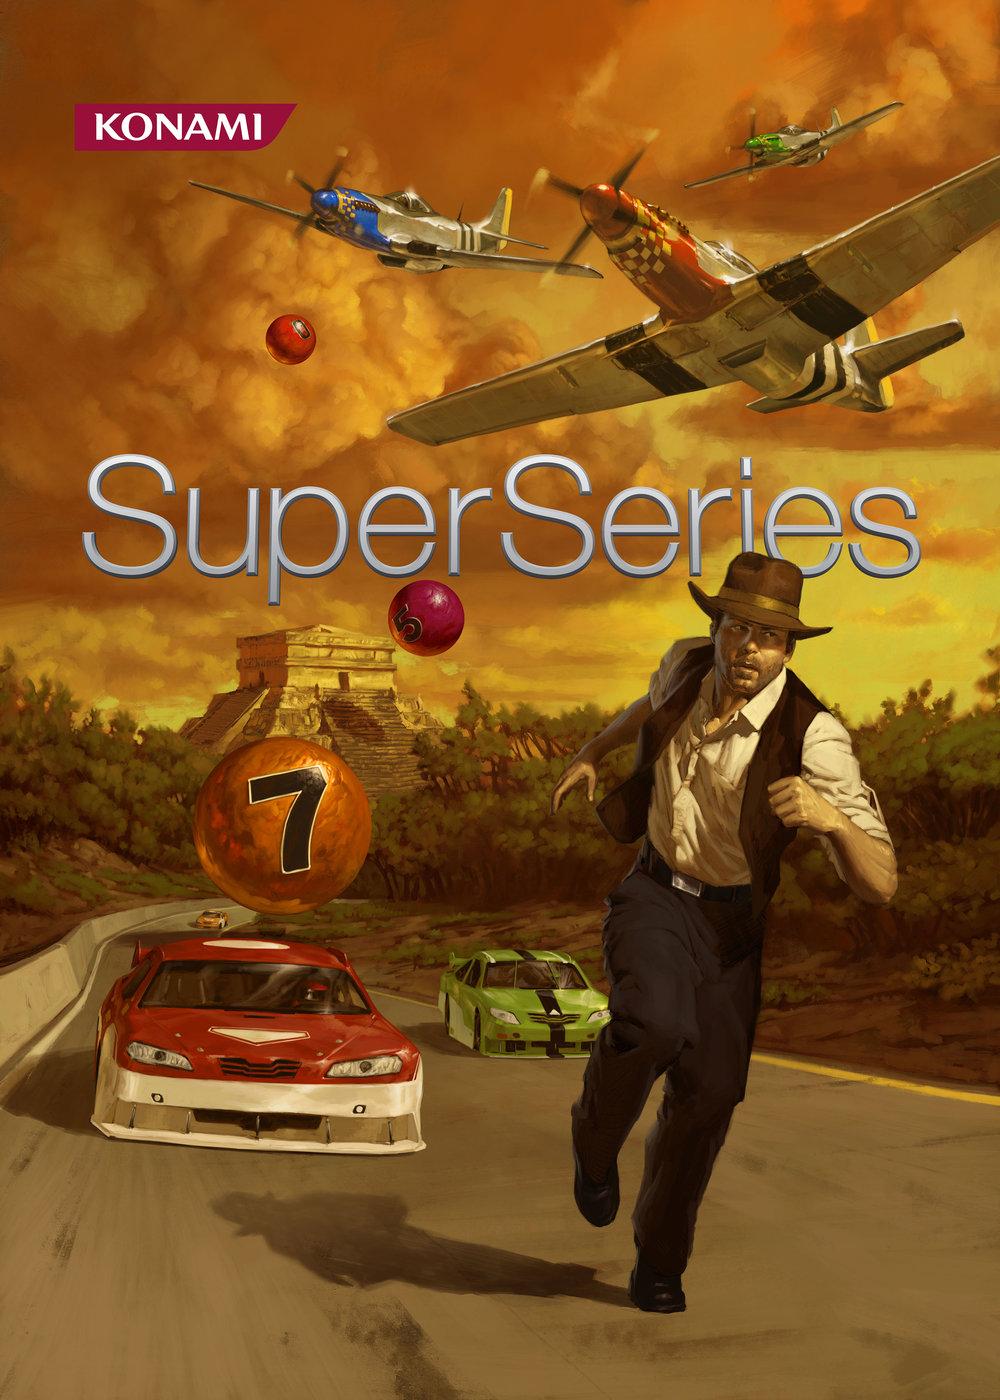 Konami SuperSeries Poster - Tyler Jacobson.jpg